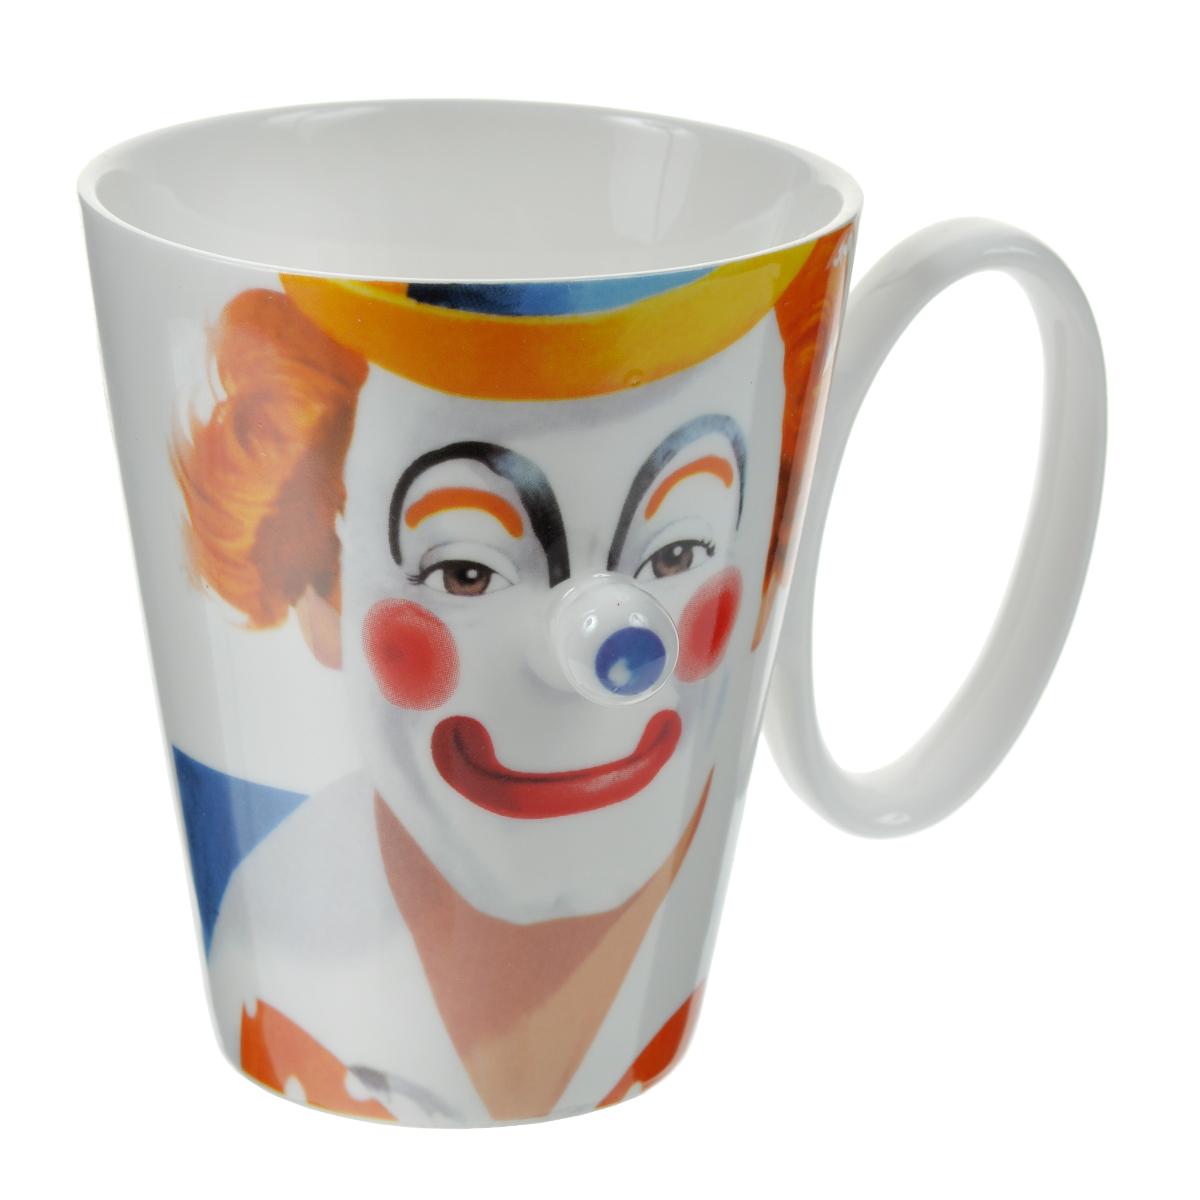 """Оригинальная кружка """"Клоун"""" выполнена из керамики и оформлена забавным изображением клоуна с выступающим синим носом. Такая кружка станет не только приятным, но и практичным сувениром.   Характеристики:  Материал:  керамика. Высота кружки:  10 см. Диаметр по верхнему краю: 8,5 см. Объем:  200 мл. Размер упаковки:  11,5 см х 9,5 см х 11 см. Артикул: 003428."""